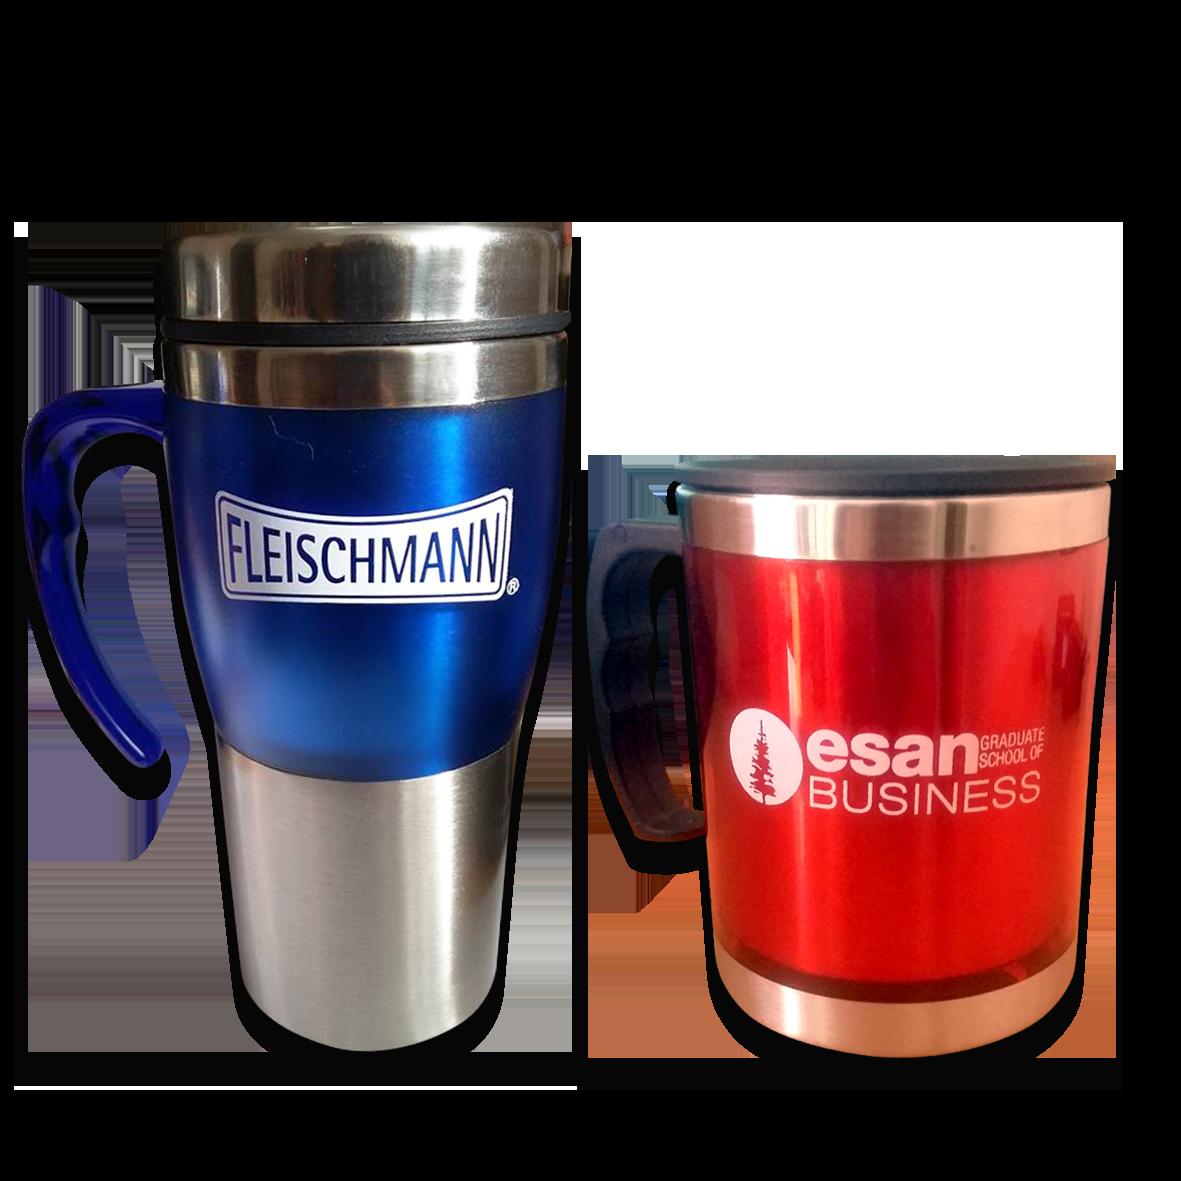 merchandising-articulos publicitarios - jarros mug - omnimedia publicidad